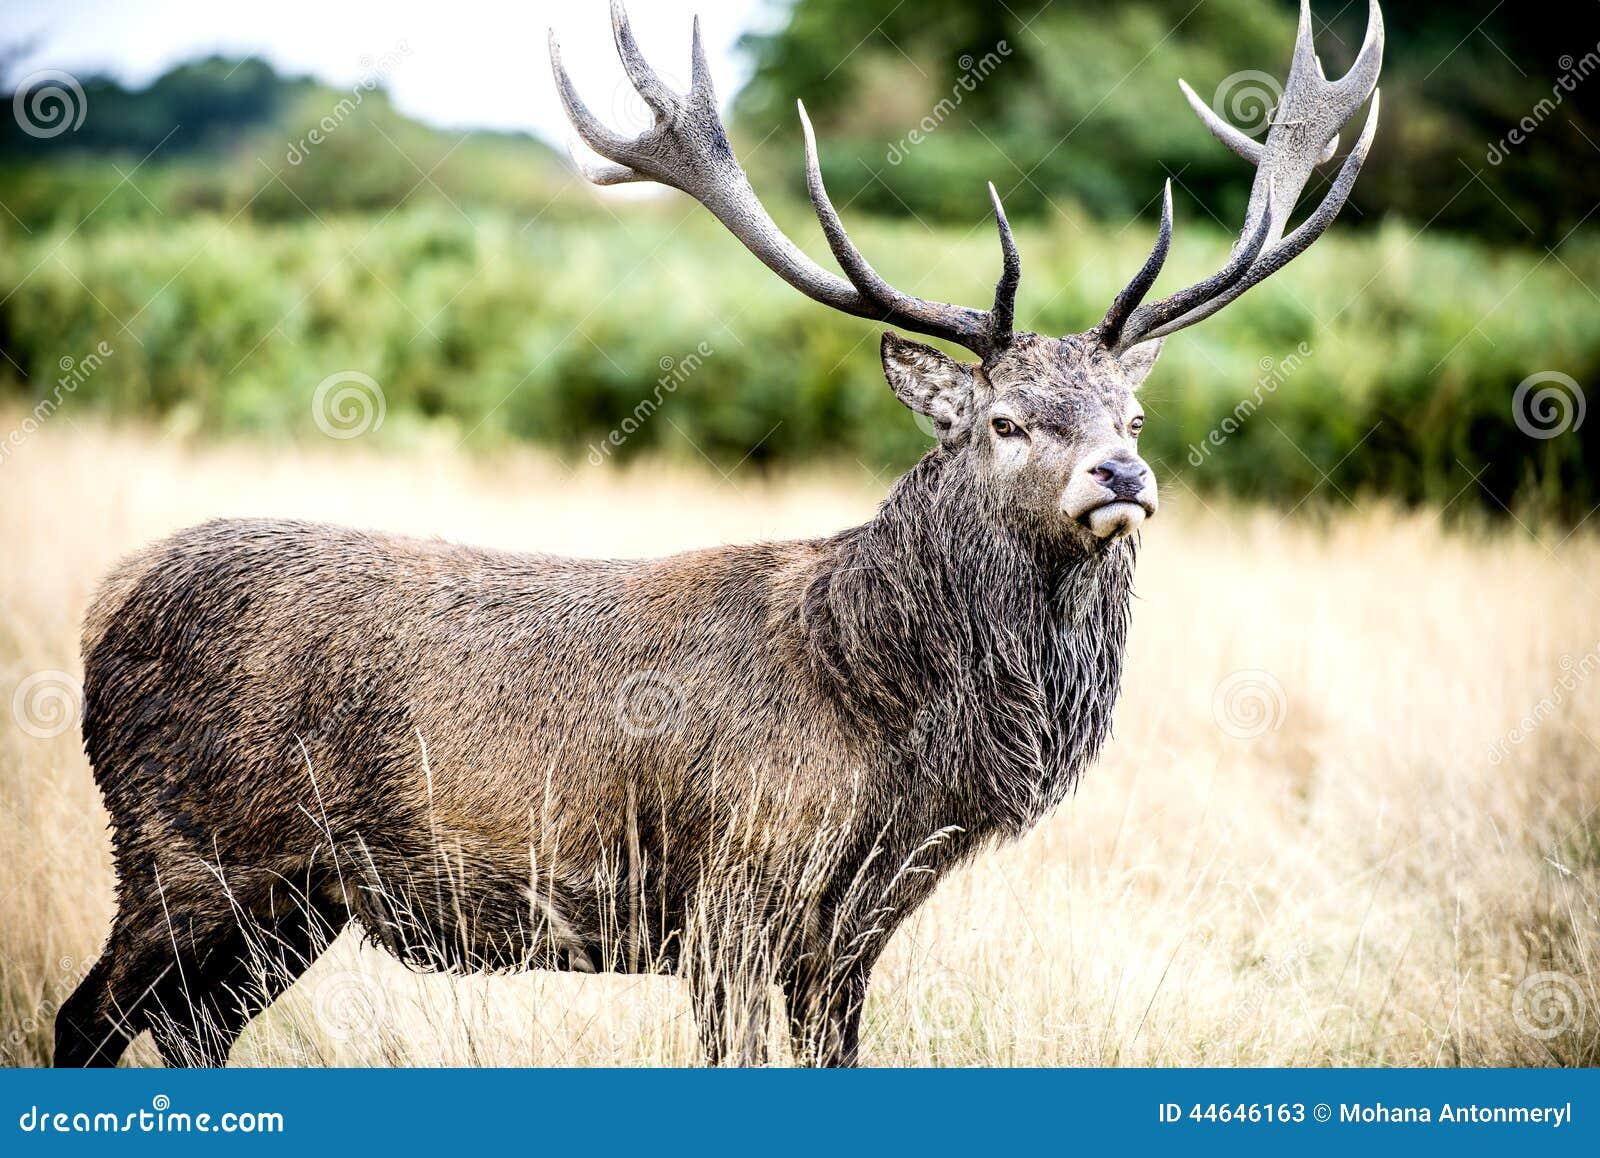 Jeleń lub jeleń męski czerwony rogacz